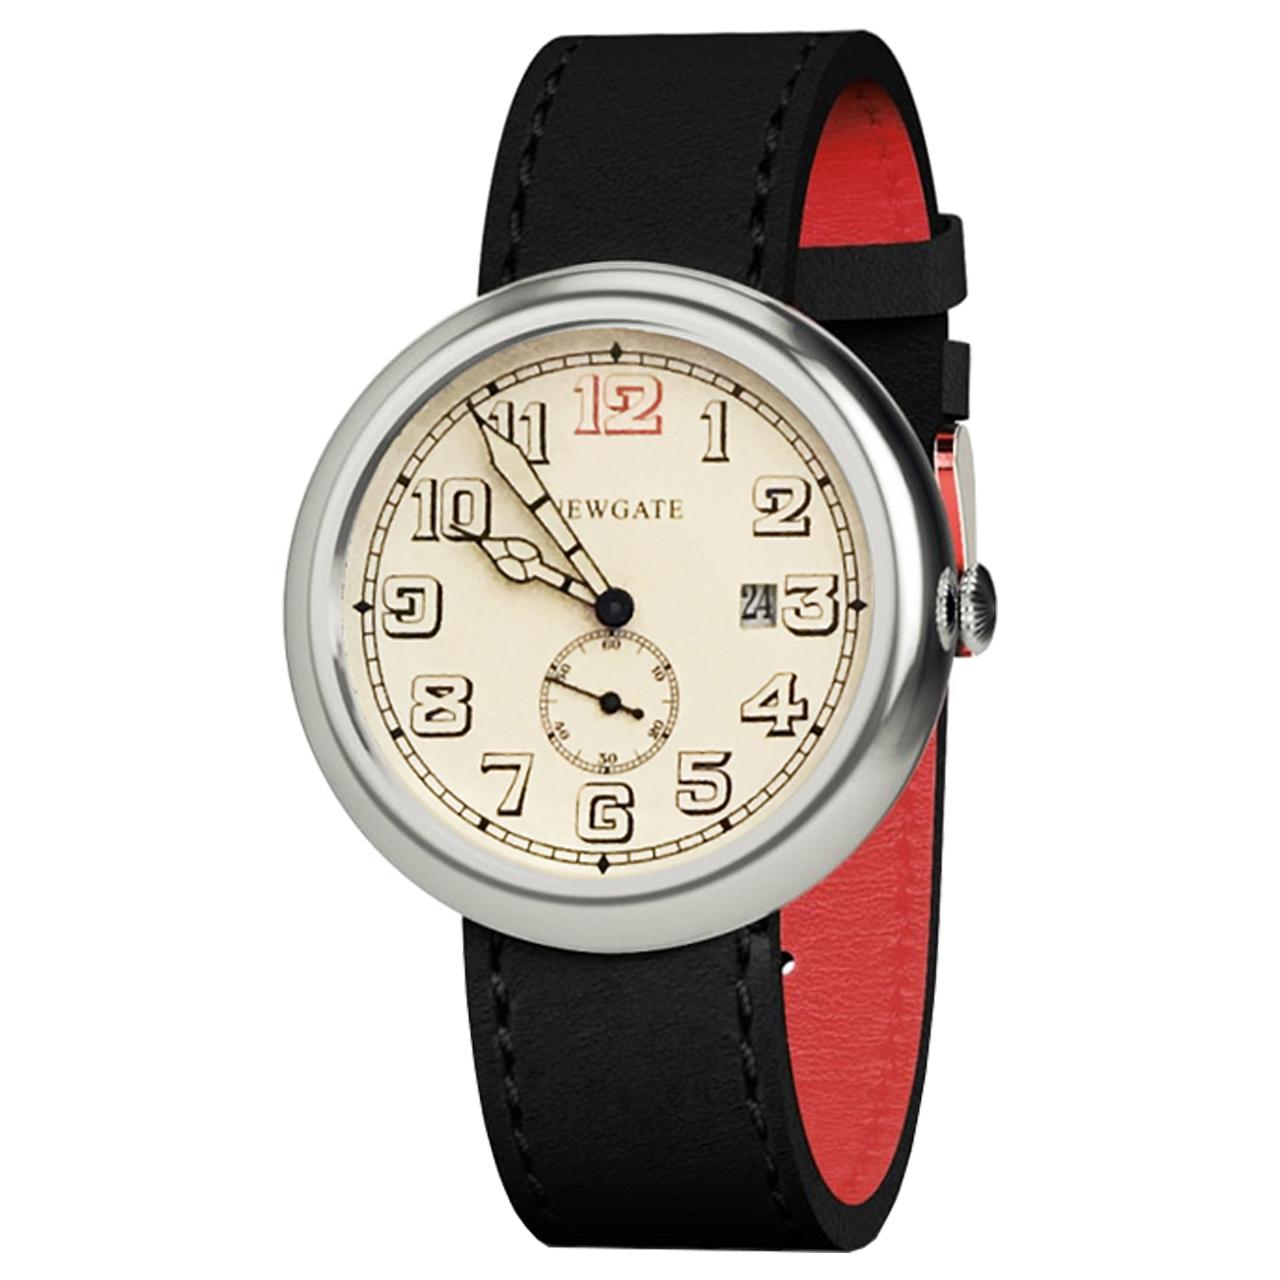 ساعت مچی عقربه ای  سکتور مدل 480-3253597503